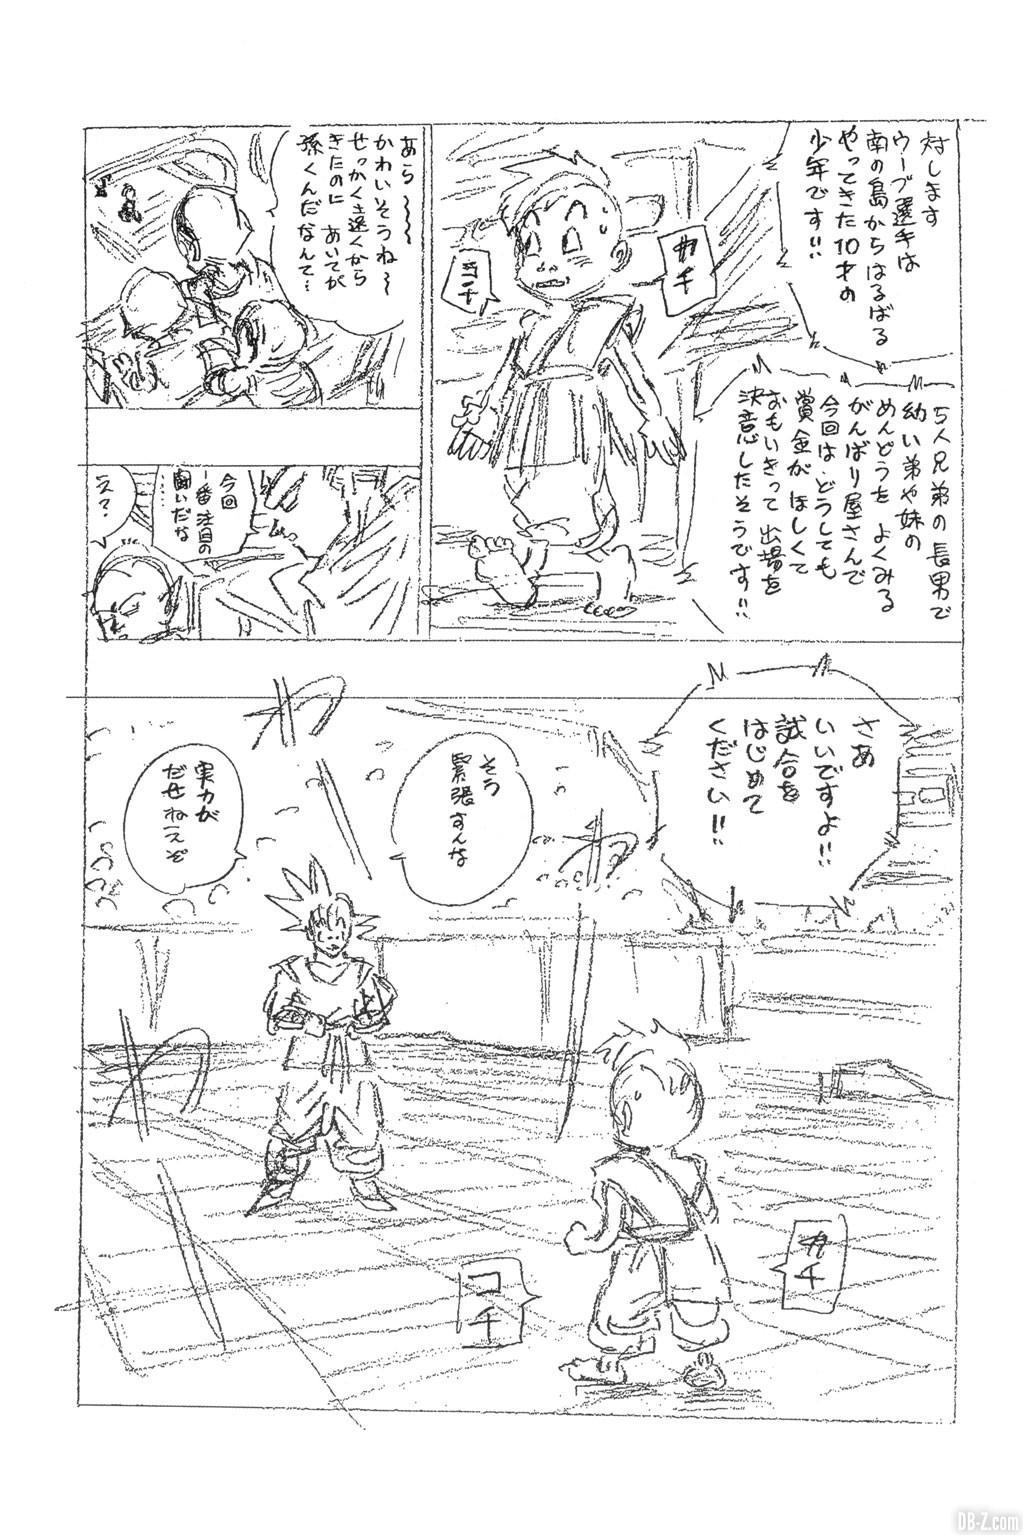 Brouillon Akira Toriyama Dernier Chapitre de Dragon Ball Page 9